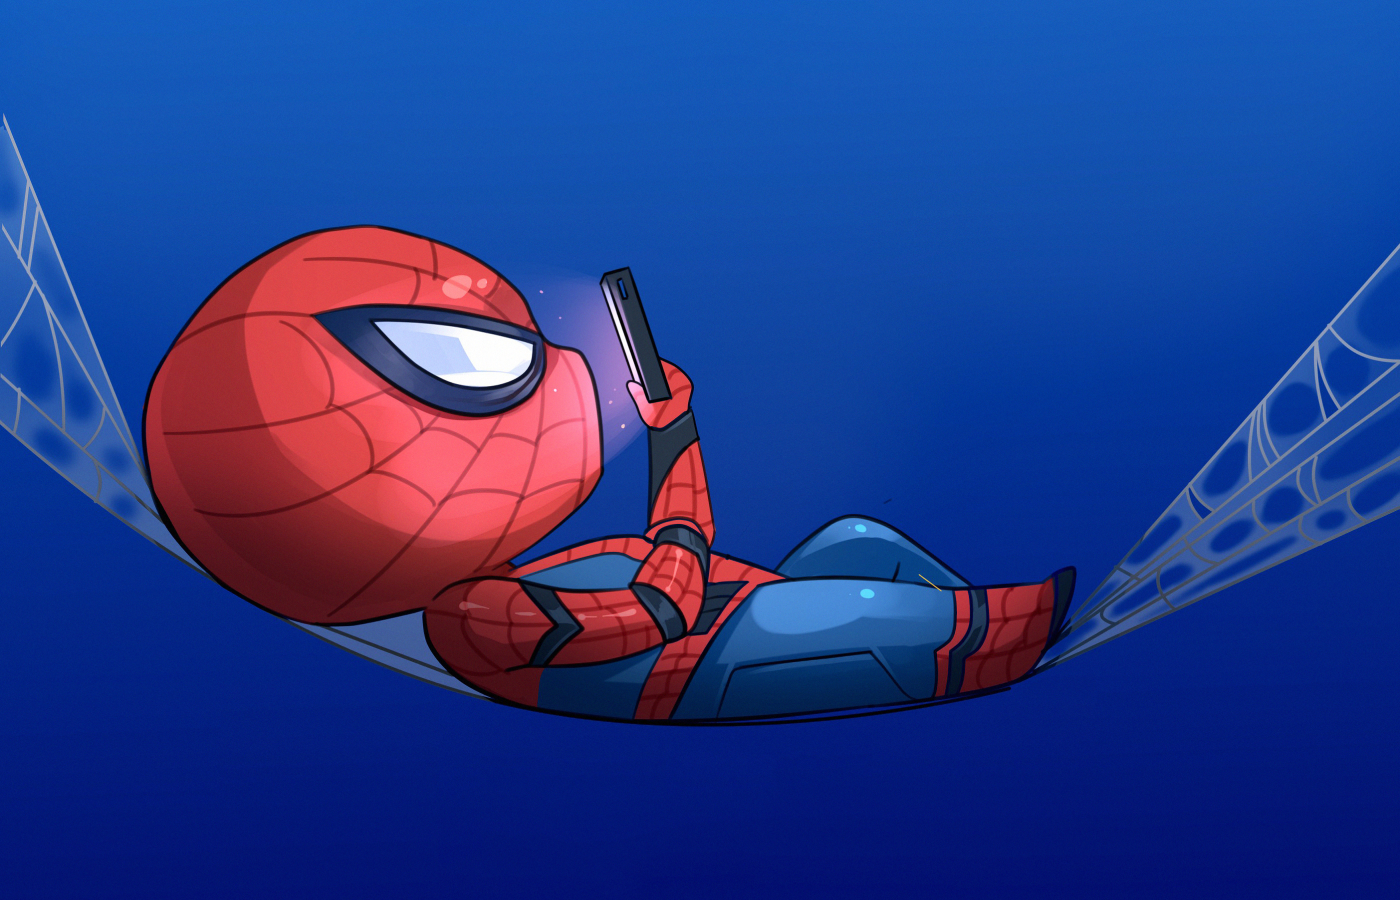 1400x900 Small Spiderman 1400x900 Resolution Wallpaper, HD ...